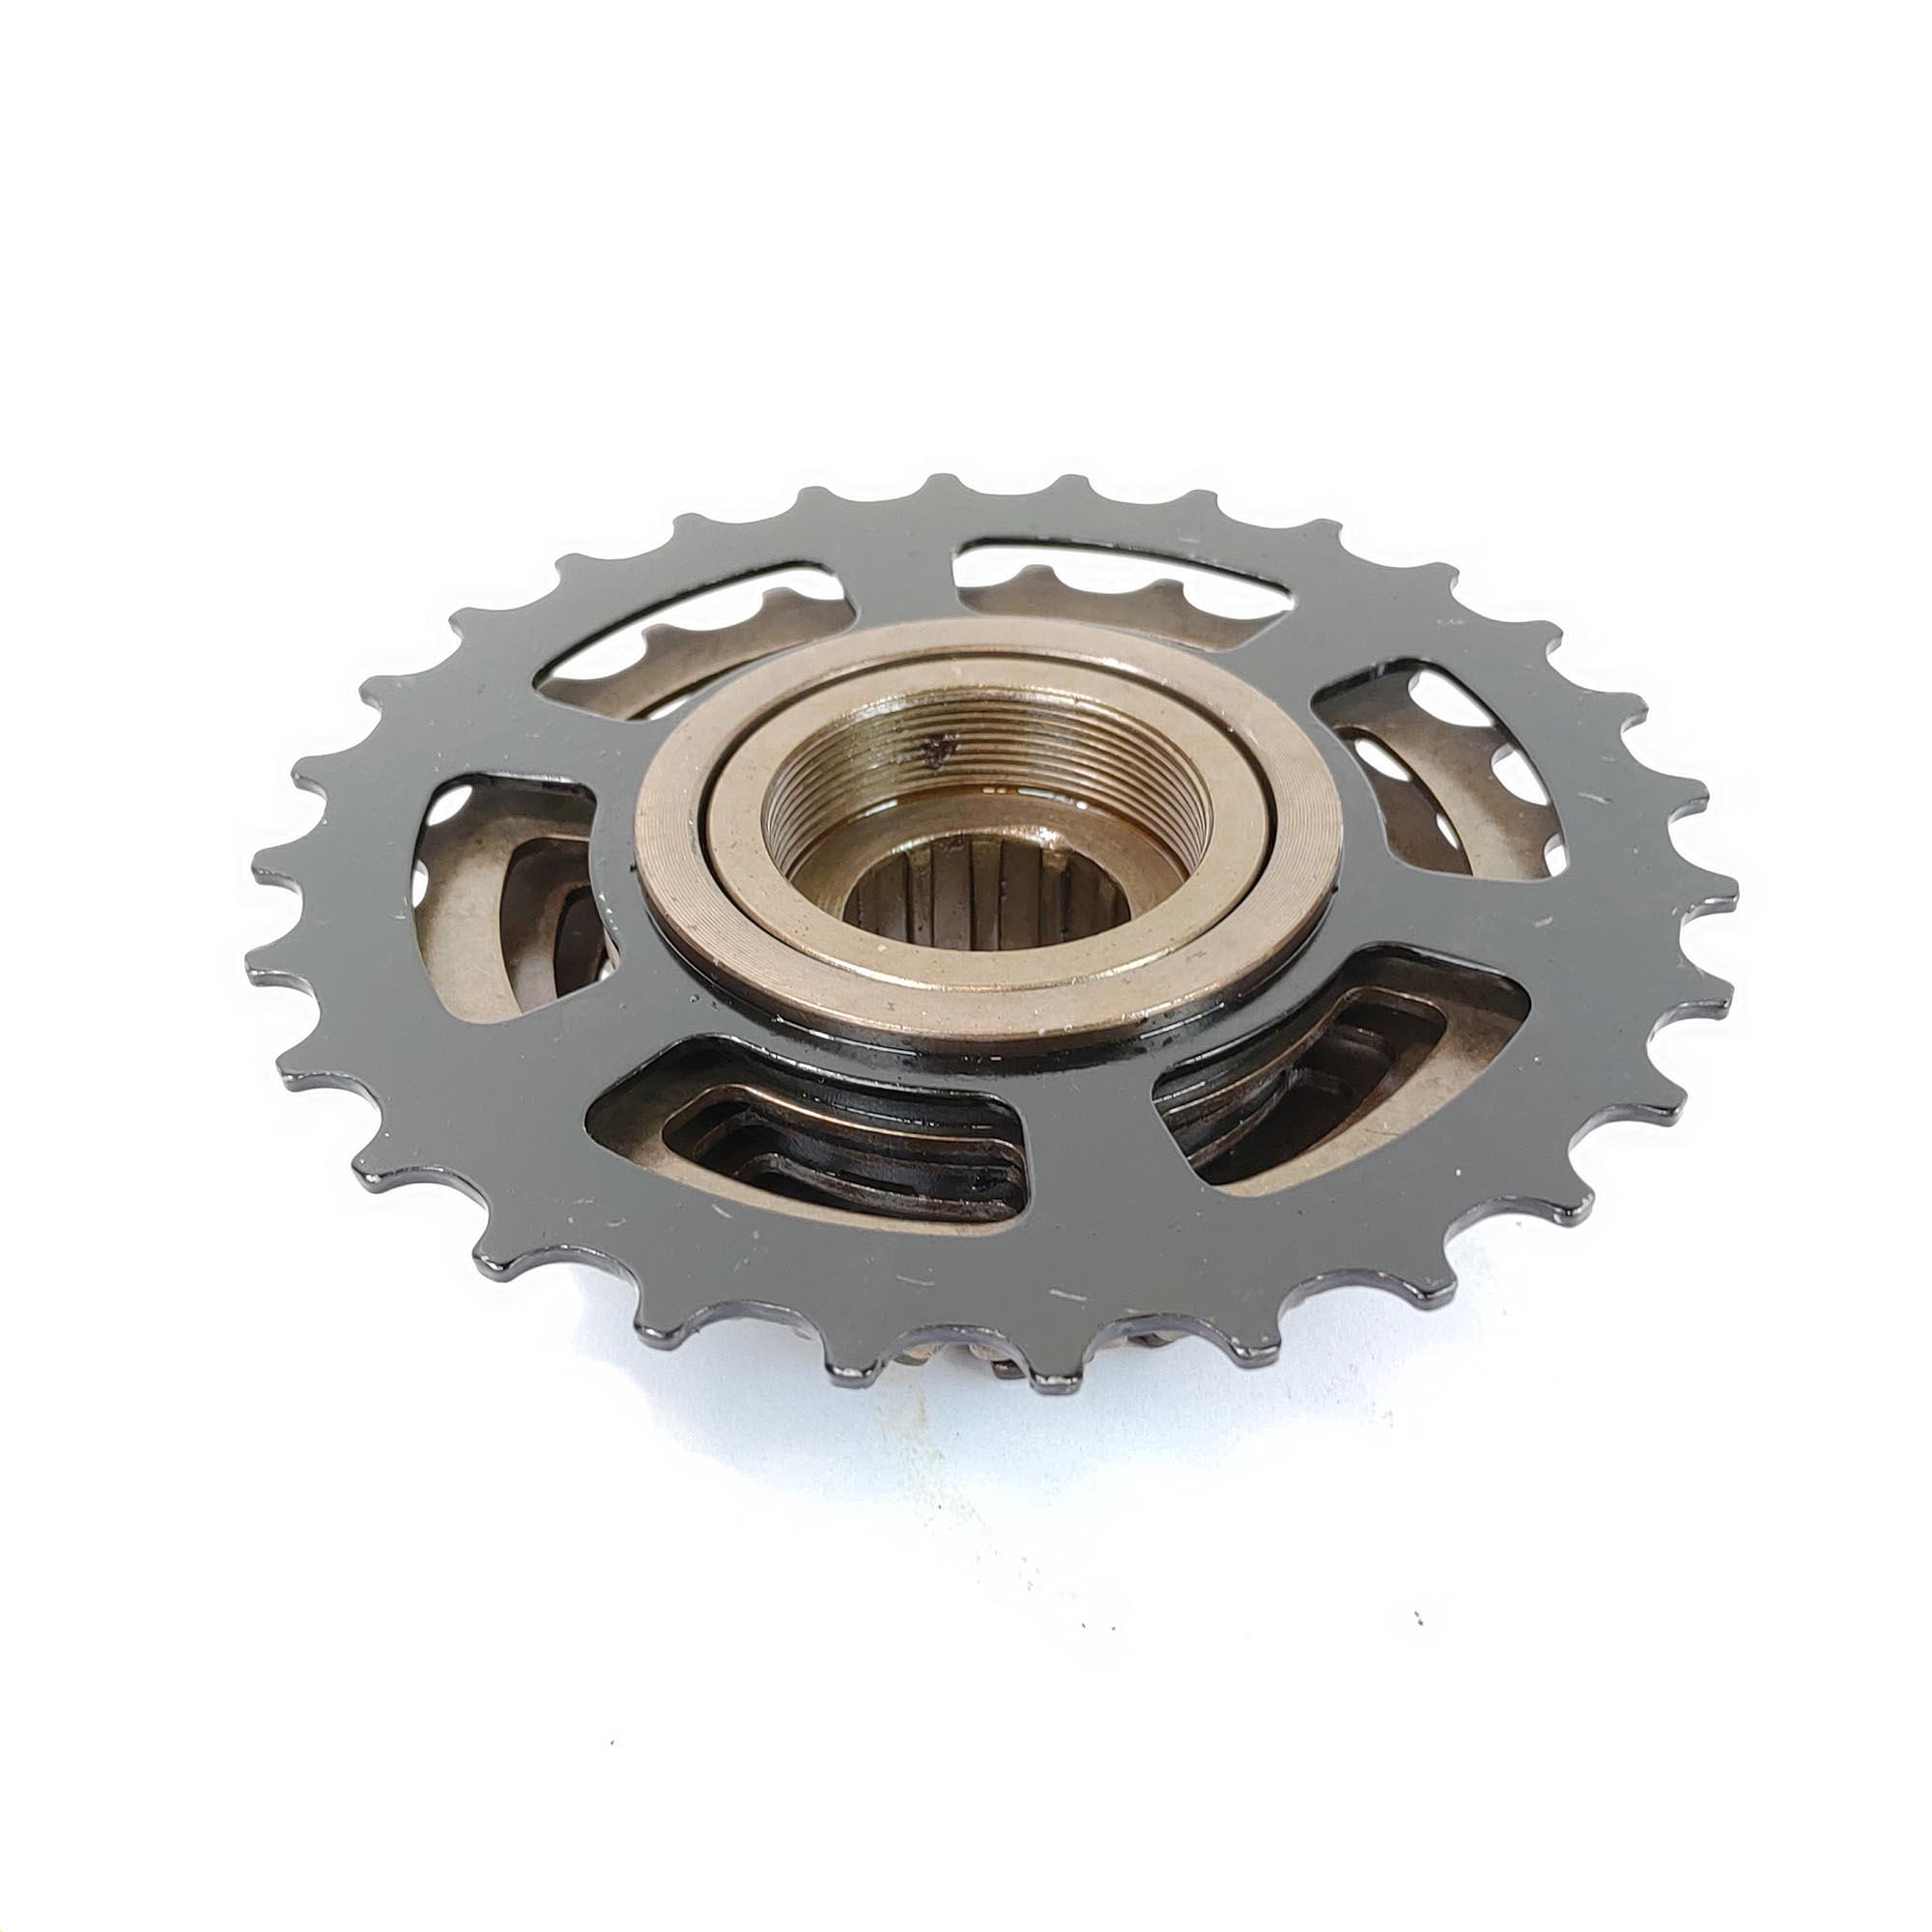 Catraca de Bicicleta Dto Roda Livre de 7 Velocidades 14-28d nao Index